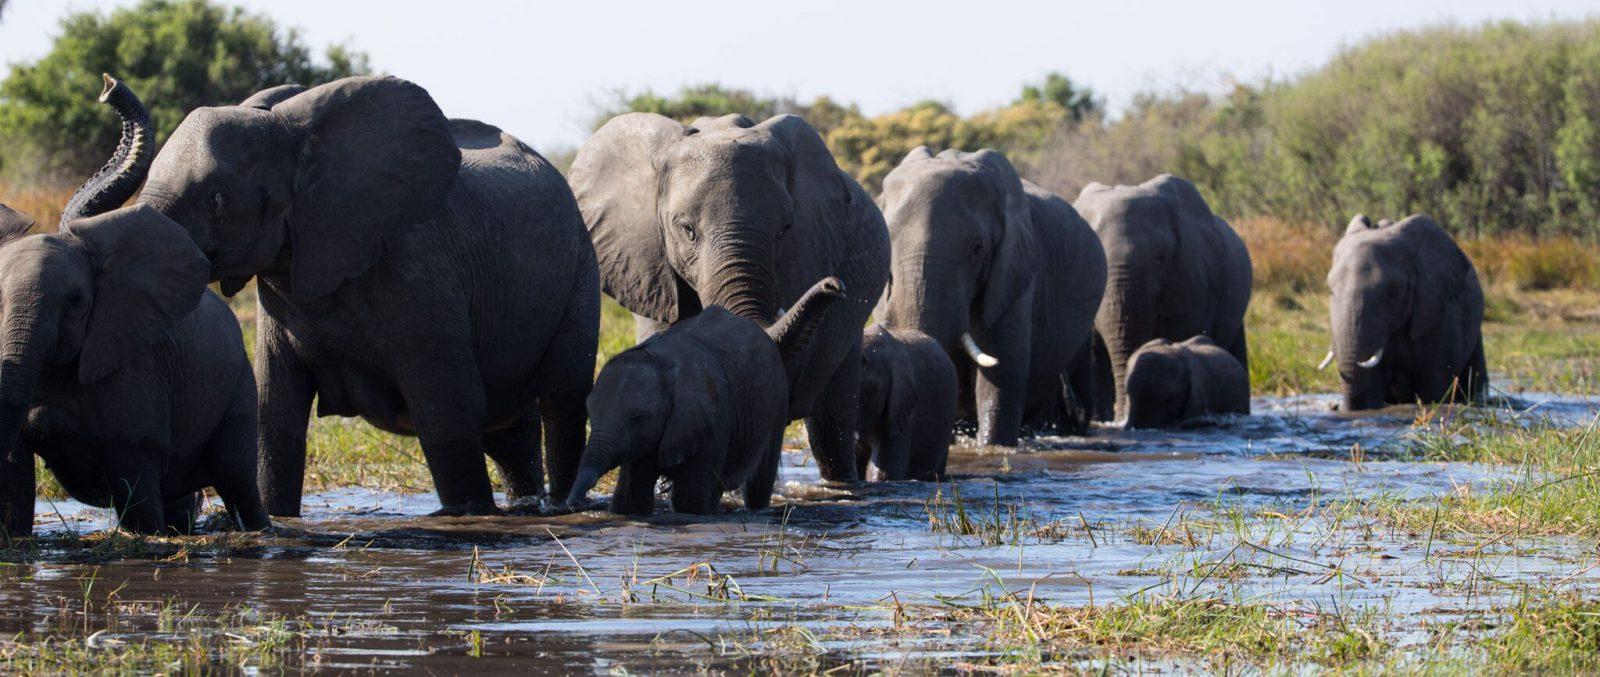 La Famiglia di Elefanti - Cinematographe.it